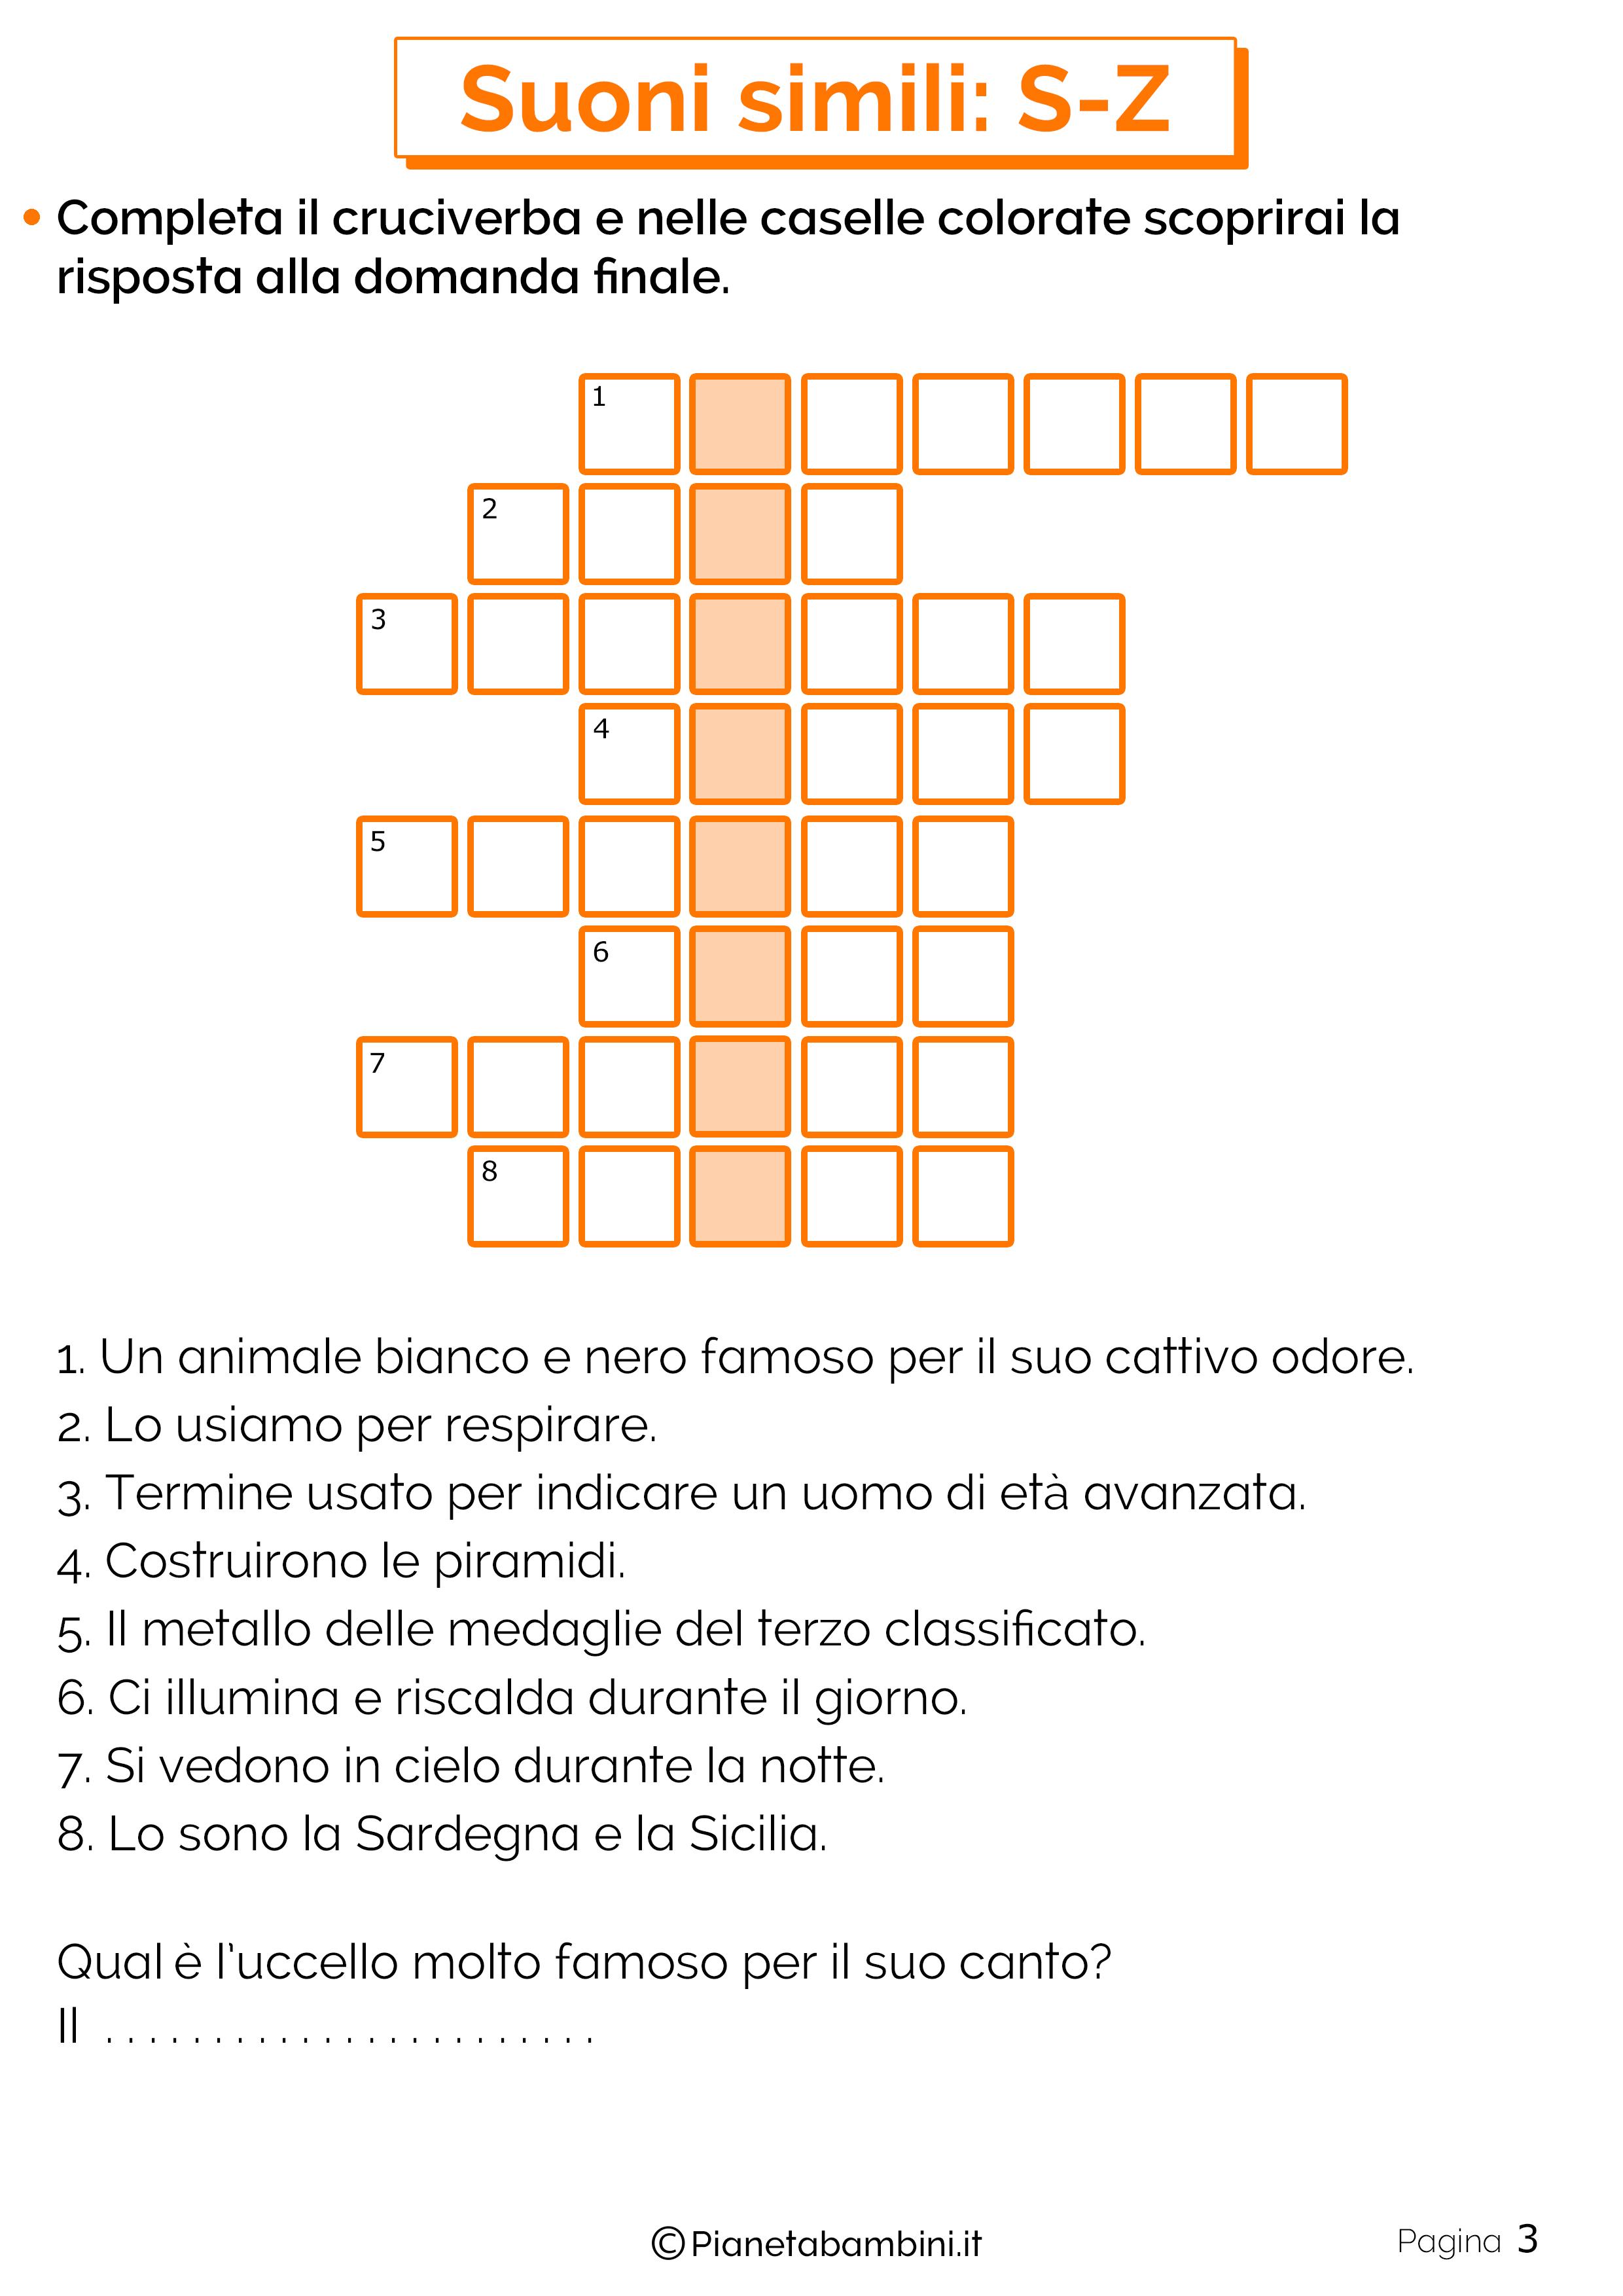 Schede didattiche sui suoni simili S o Z pagina 3